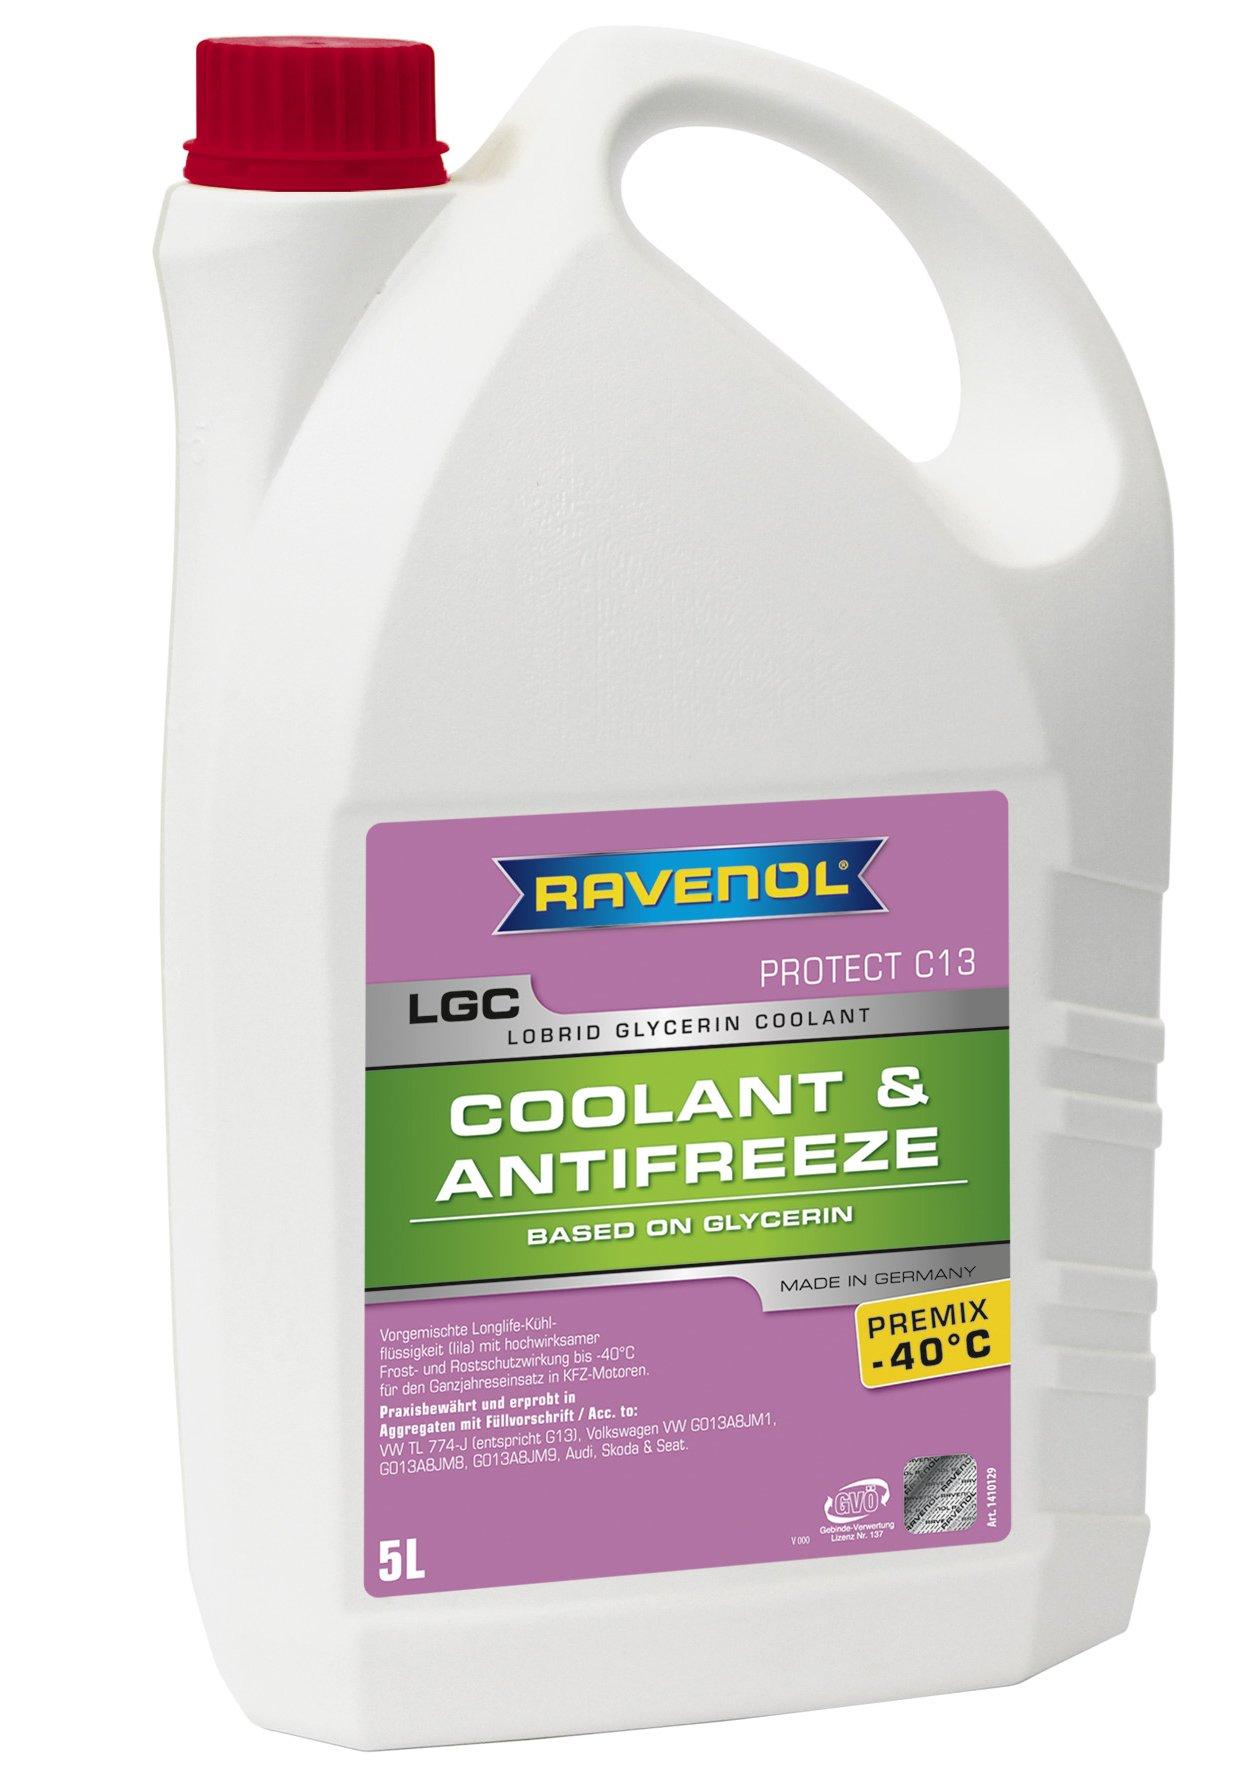 RAVENOL J4D2003-1 Coolant Antifreeze - LGC C13 Premix VW TL 774-J (G13) (5 Liter)